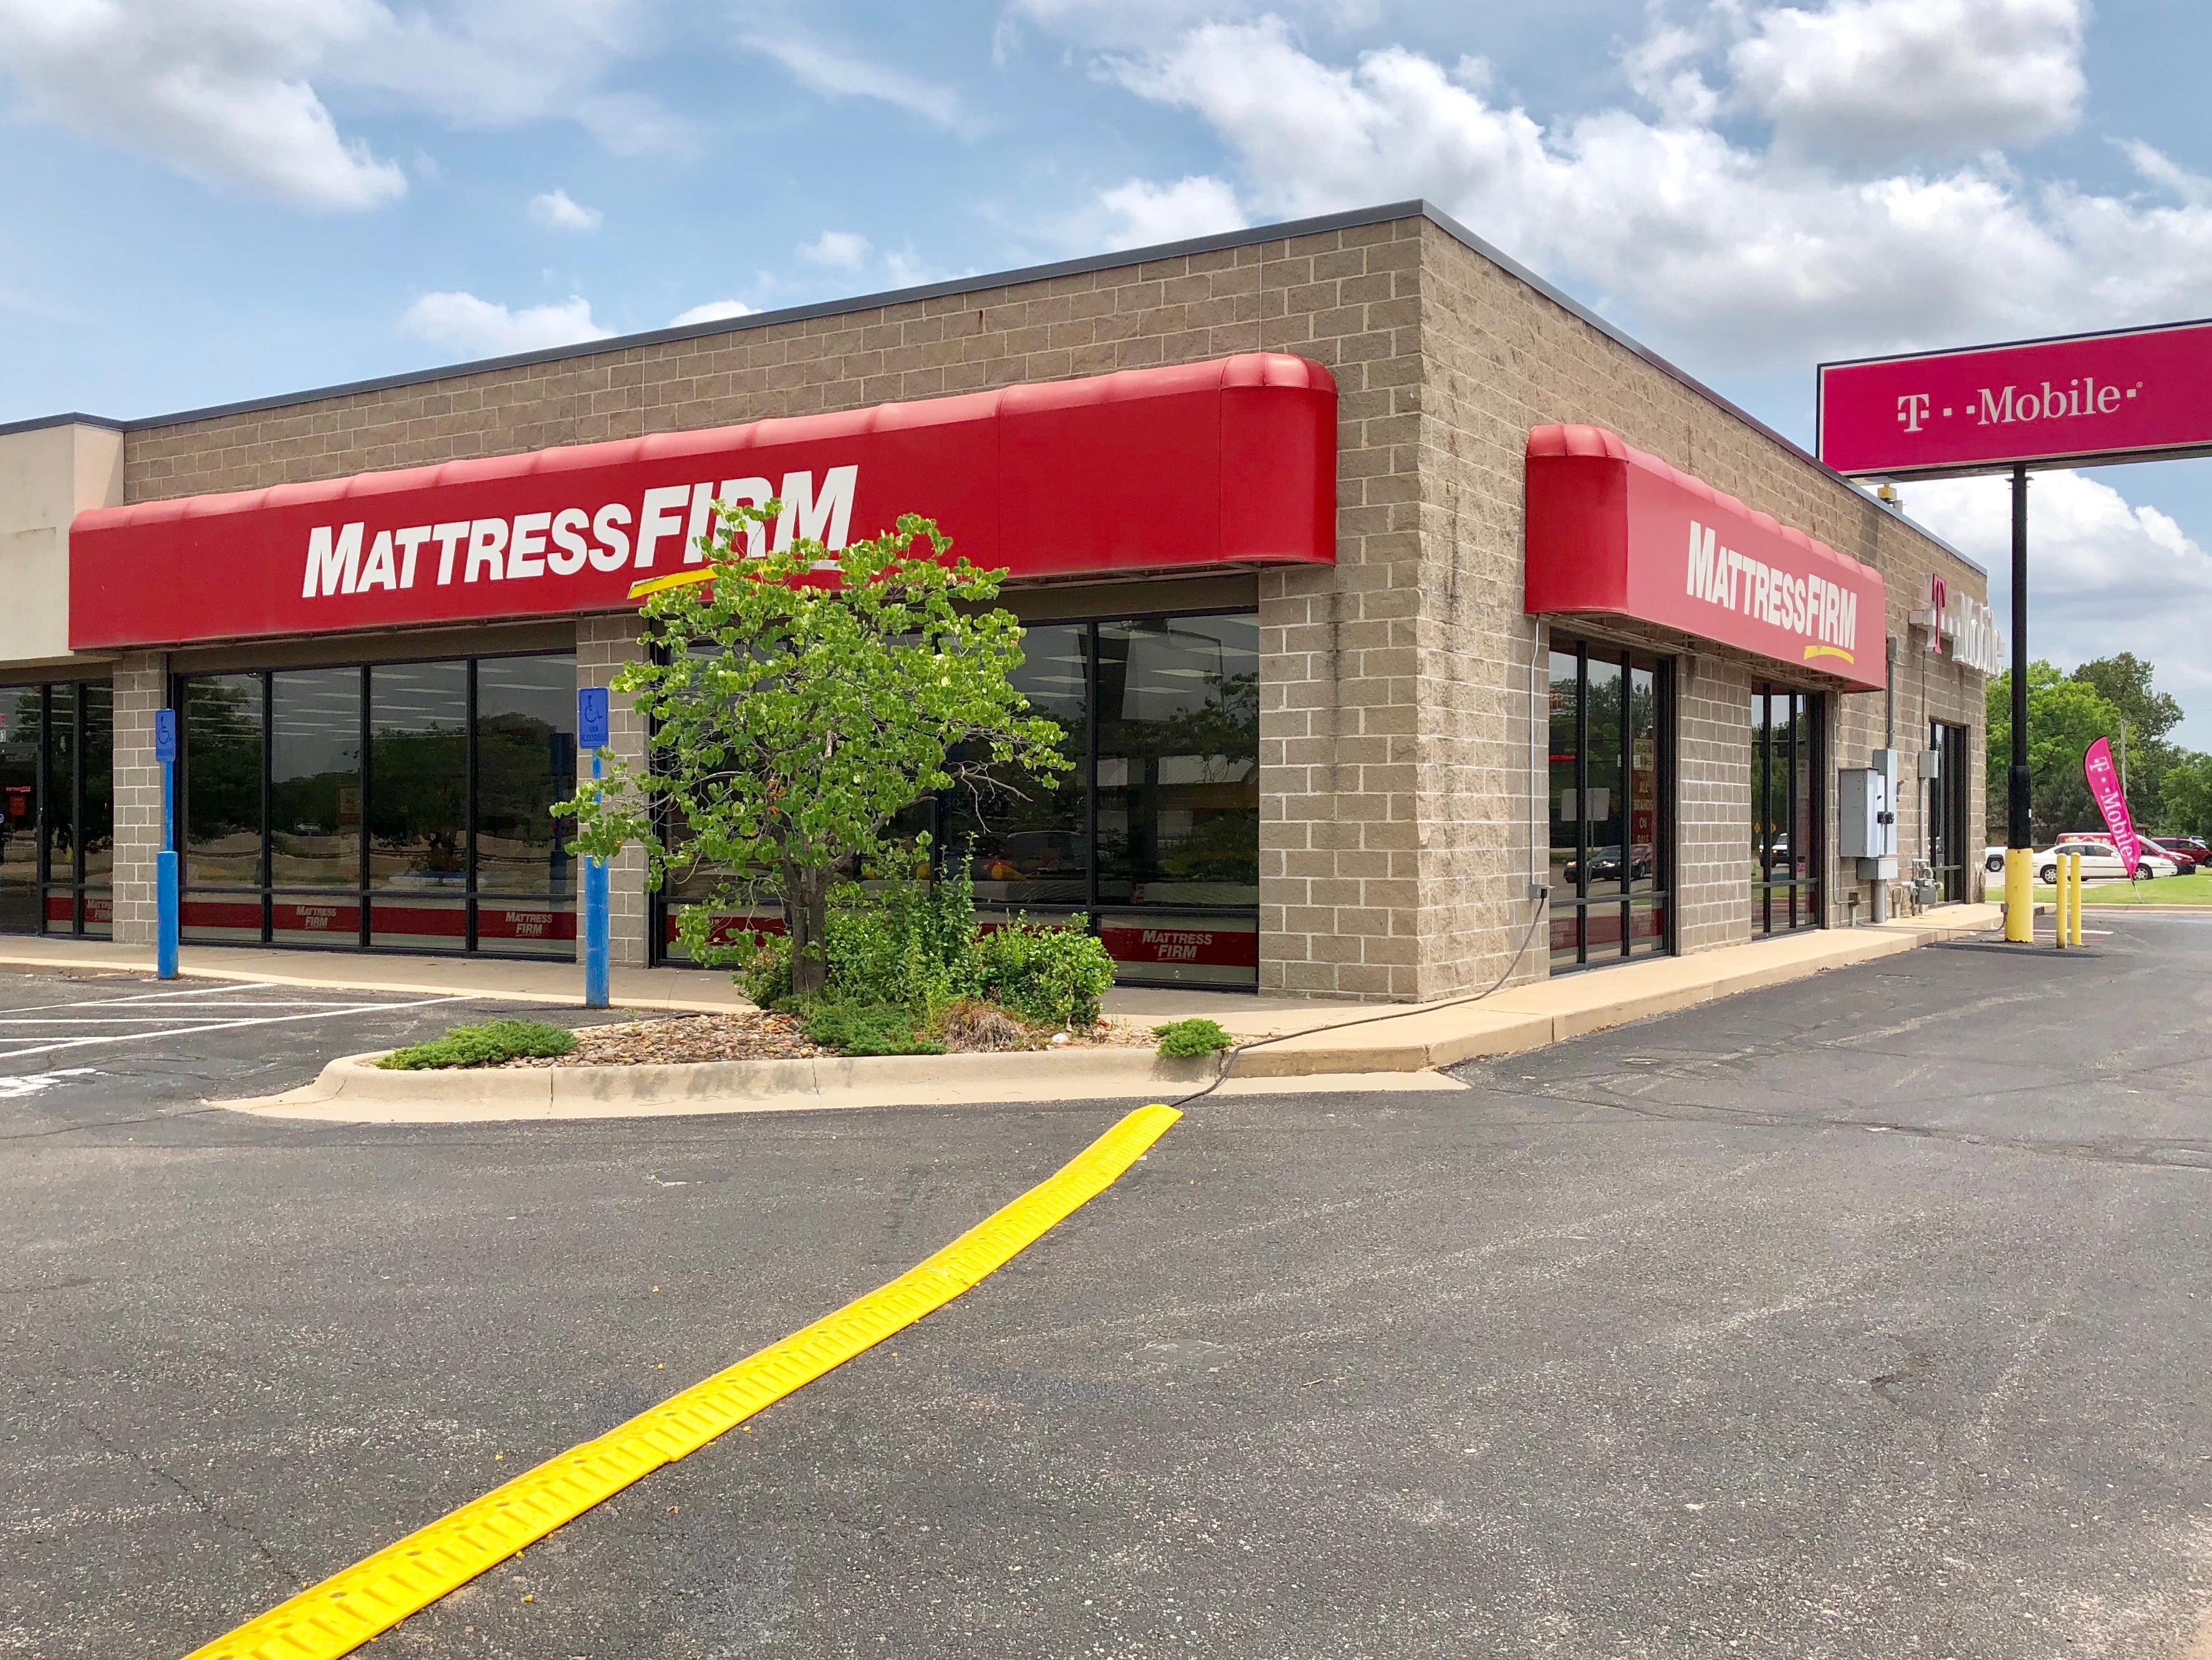 Mattress Firm Kellogg & Rock image 1